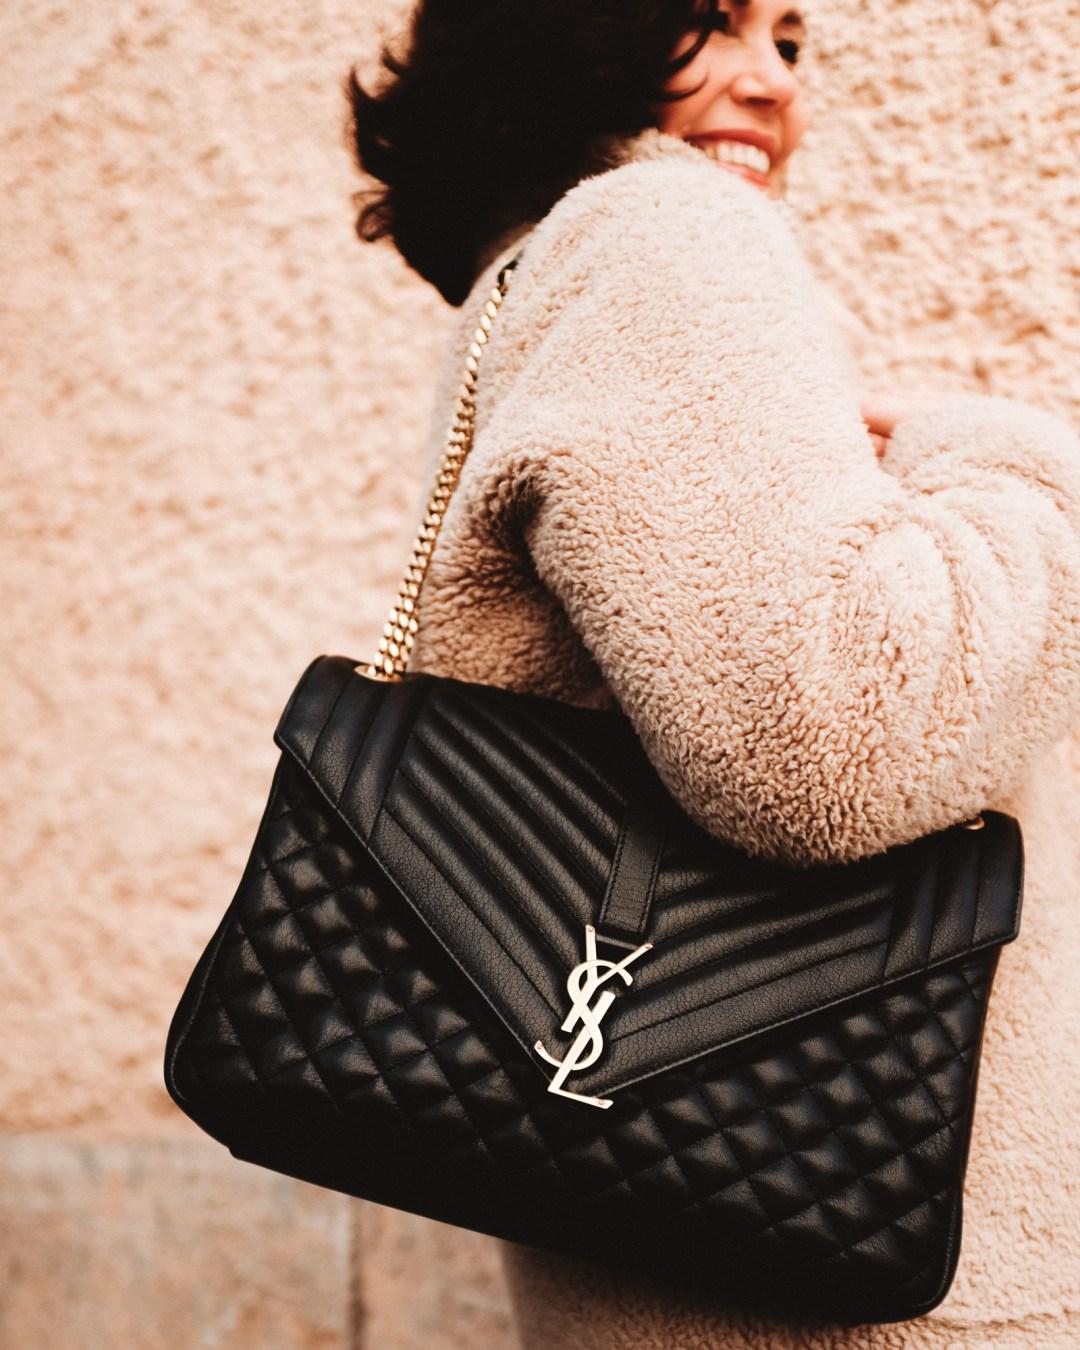 ina stil inastil Herbstoutfit Modeblog Stilberatung Blogwalk Ü50style Herbstmode YSL Tasche Hallein Outfit Streetstyle ageless Herbsttrend Casual Handtasche StylingtippsDSCF1513